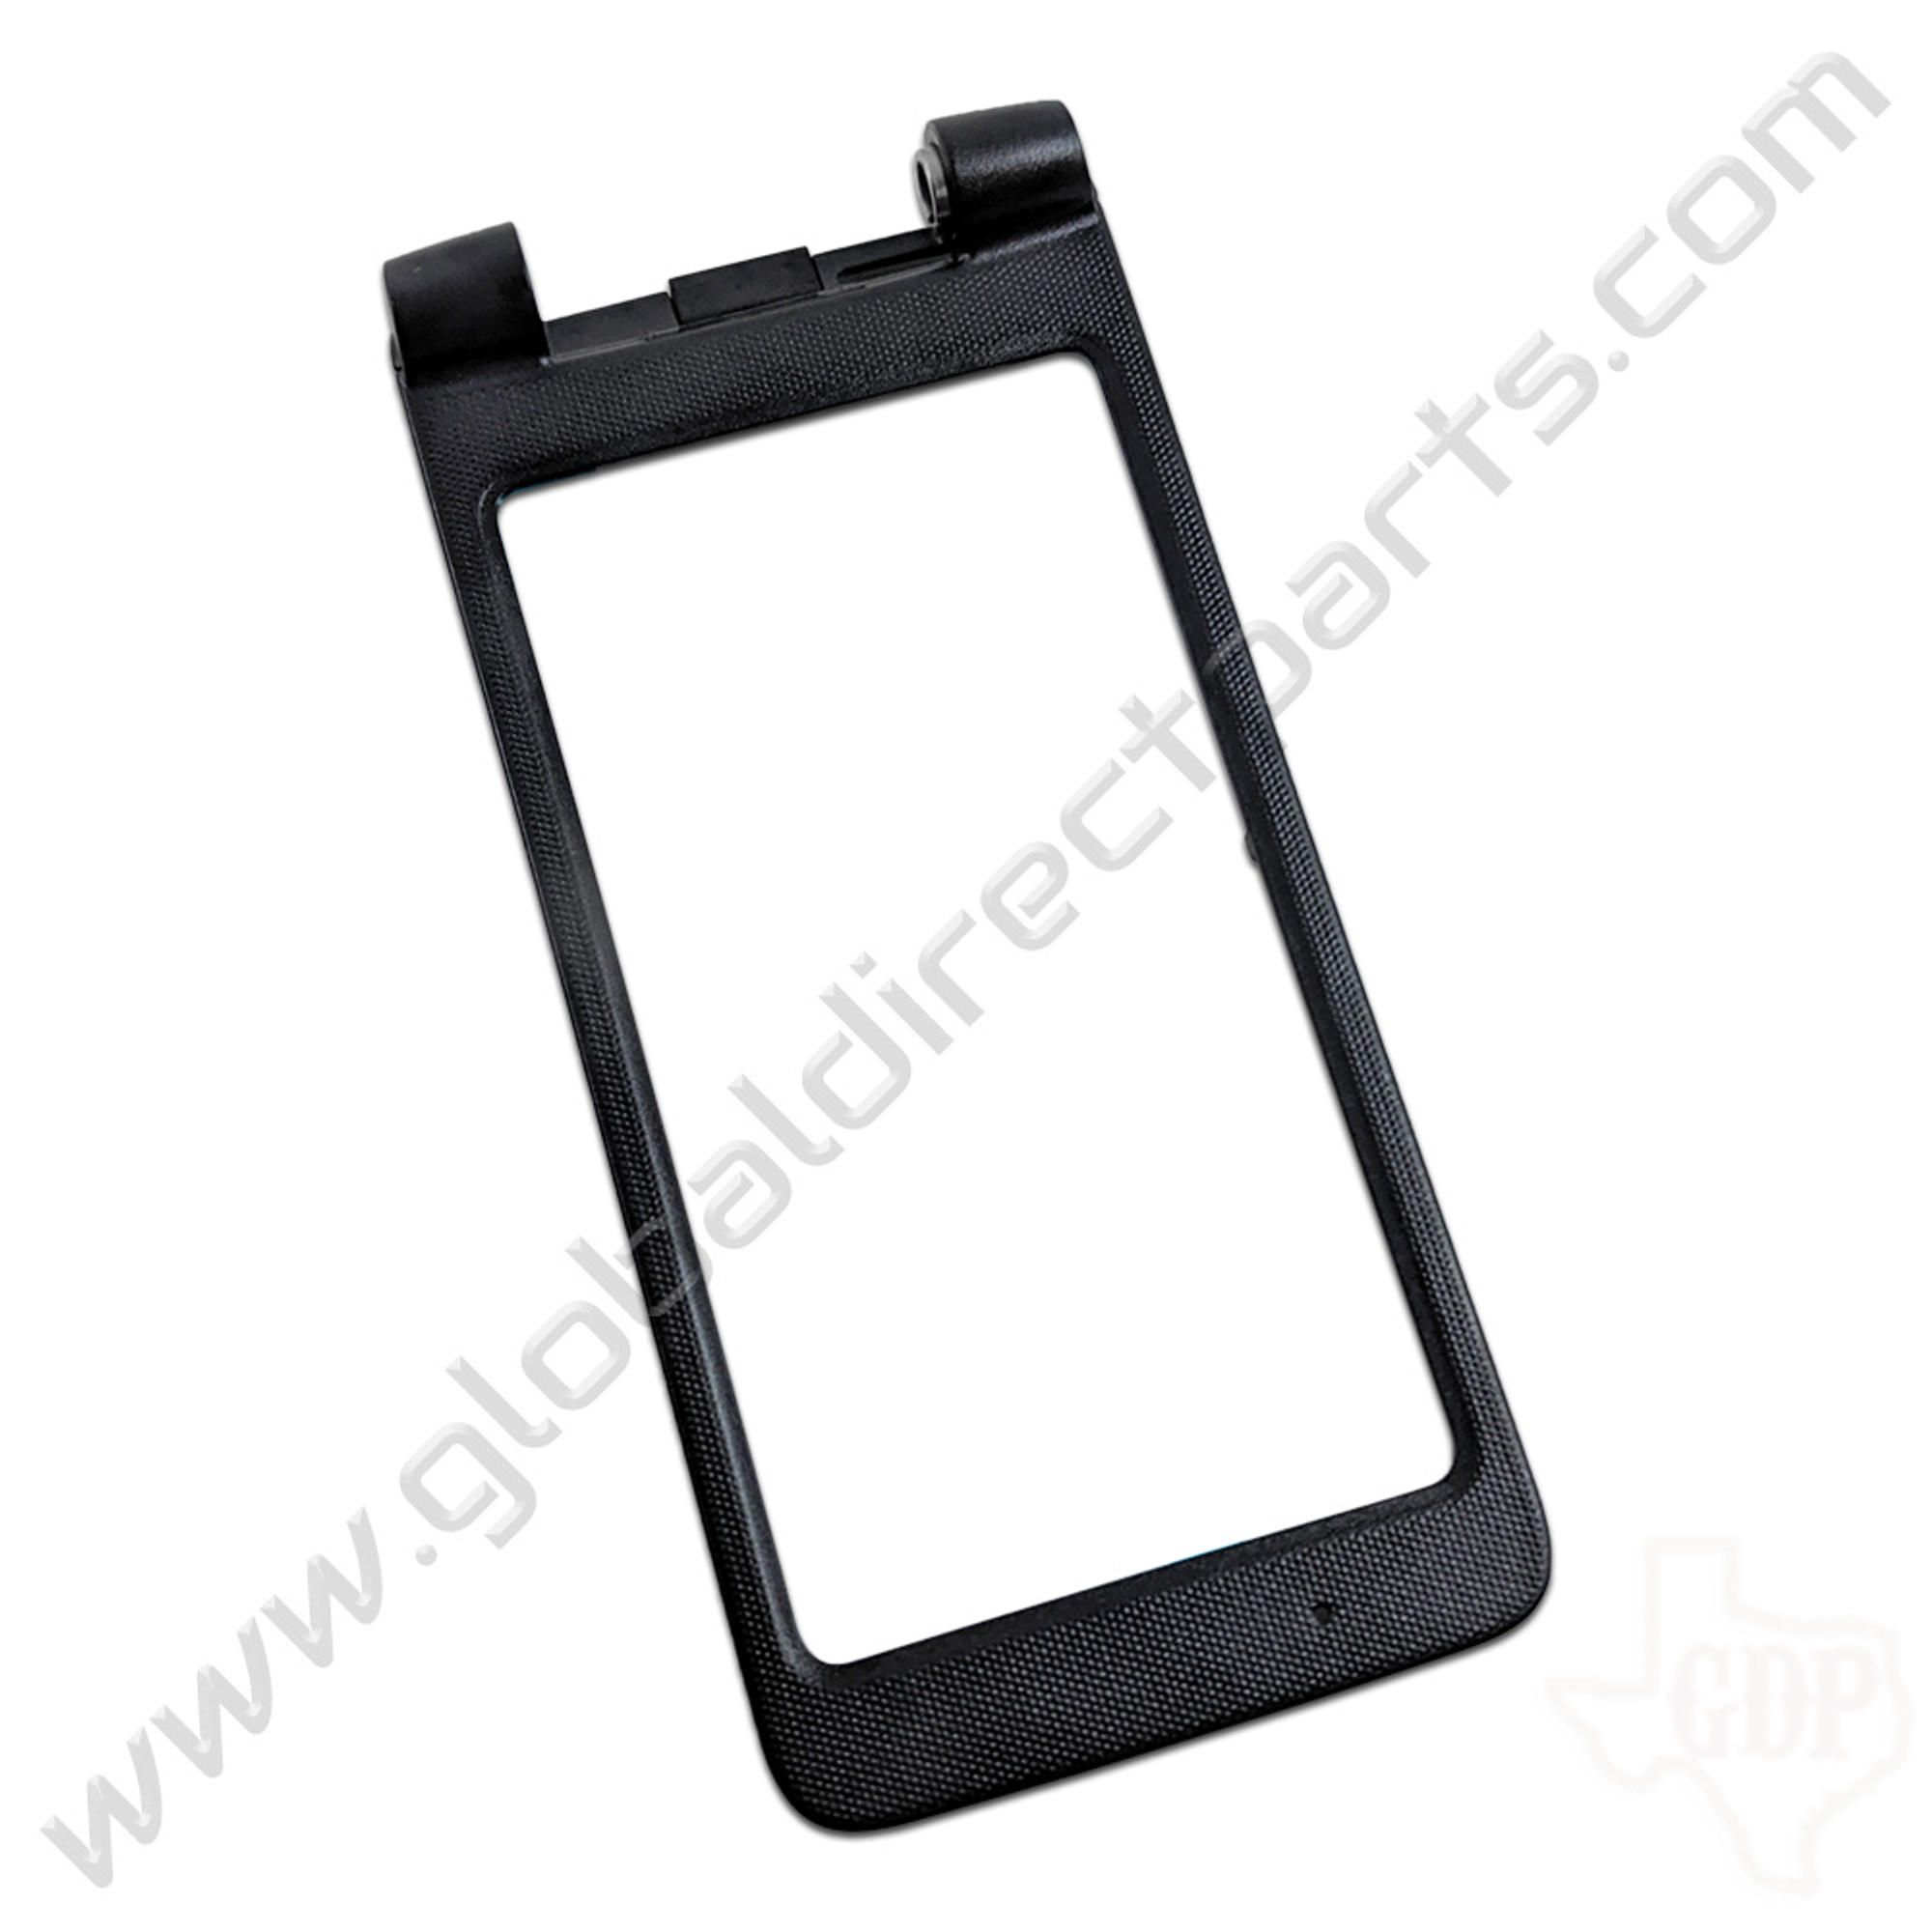 Oem Lg Exalt Lte Vn220 Keypad Frame C Side Acq89590001 Global Direct Parts